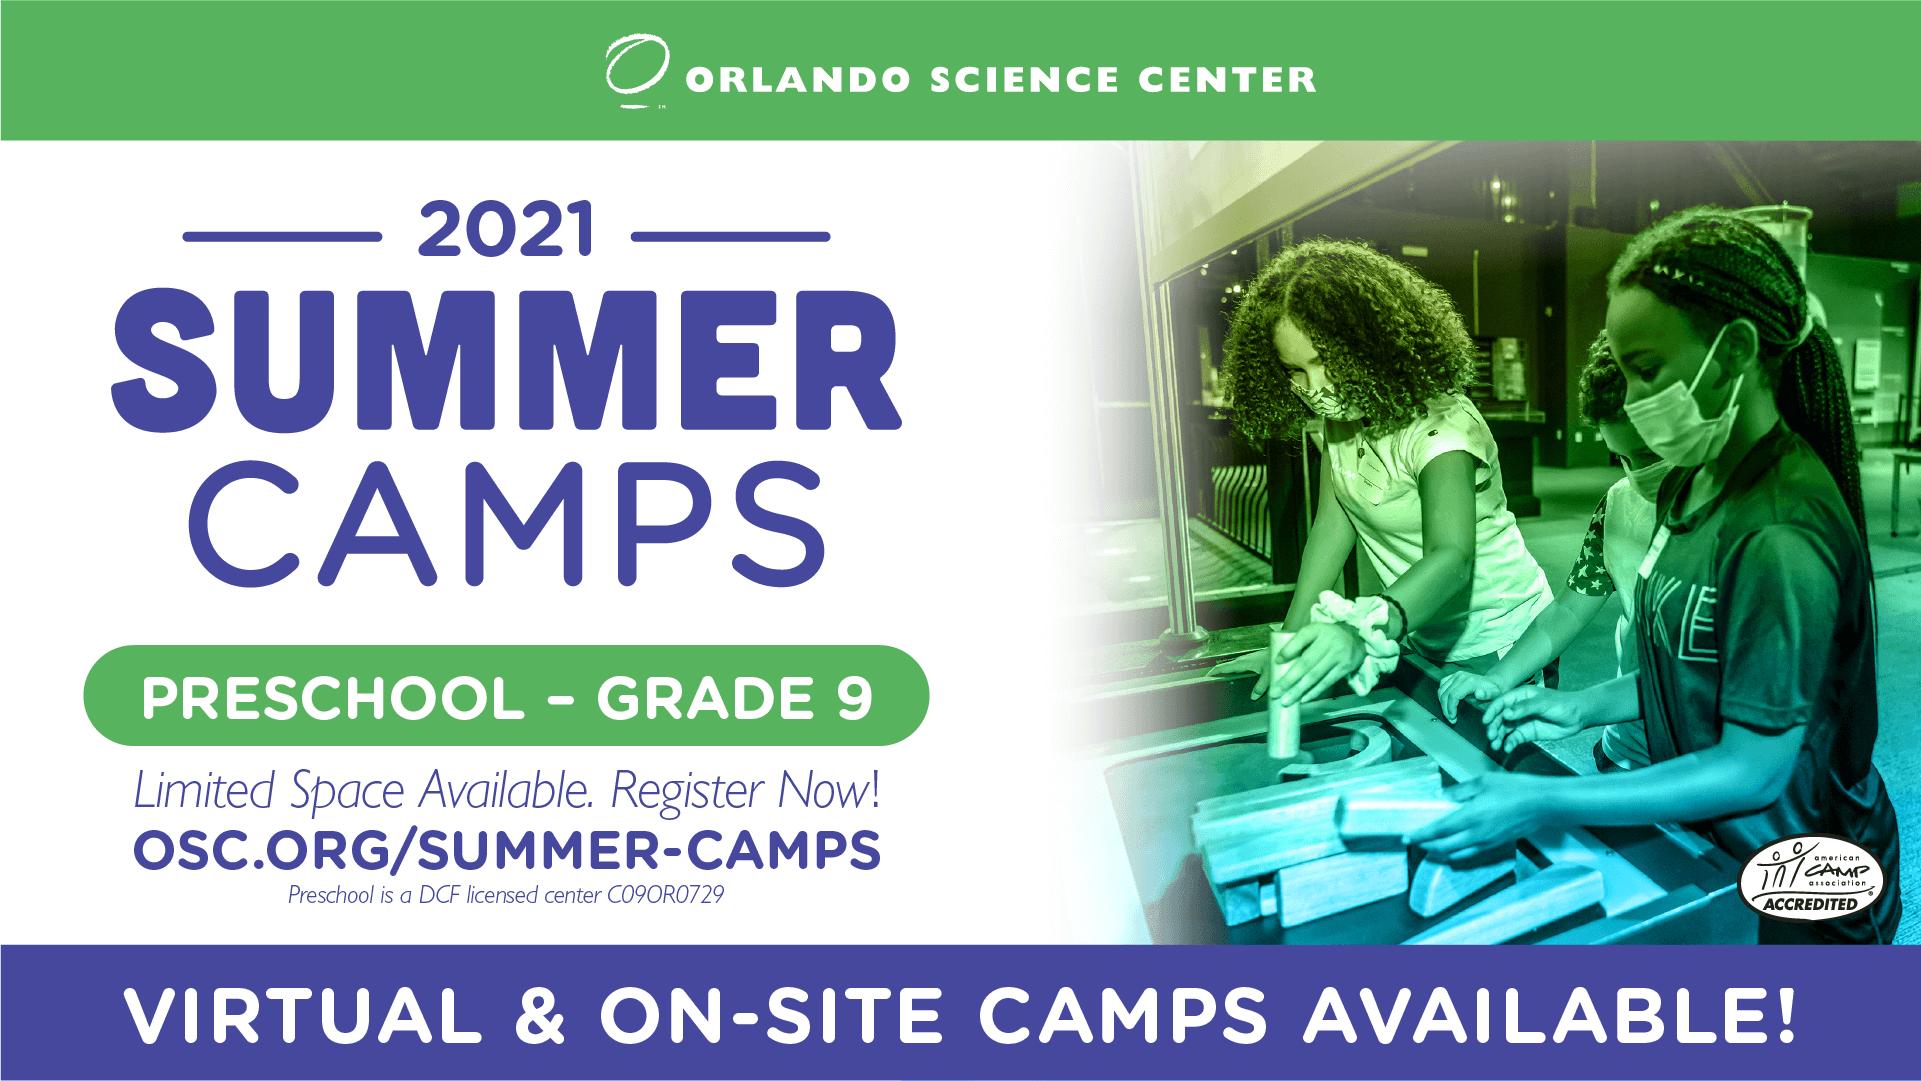 2021 Summer Camps Preschool - Grade 9